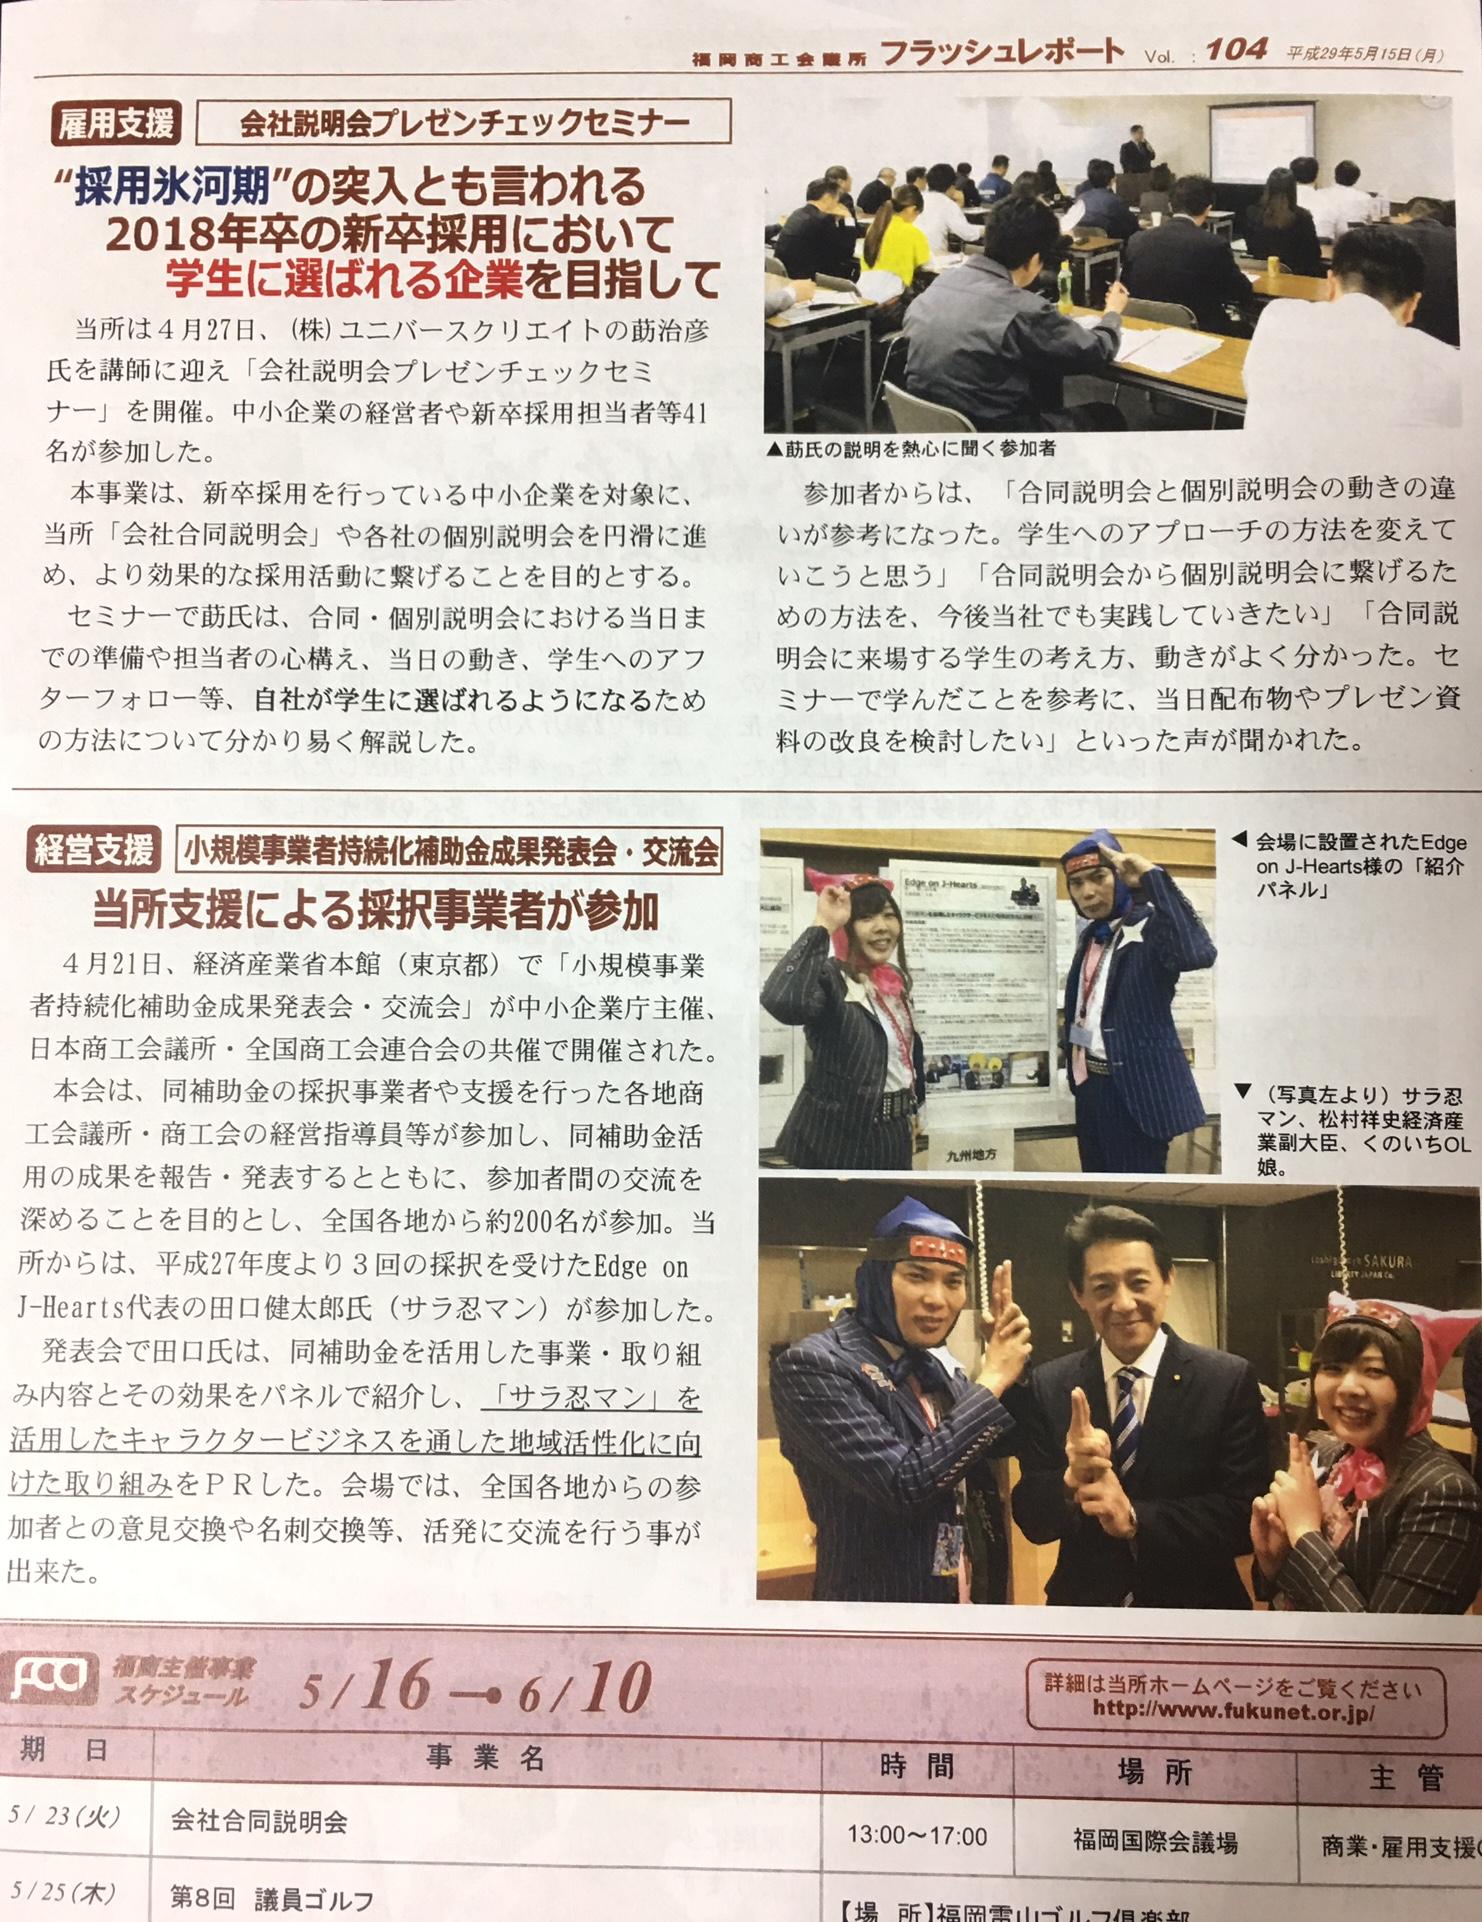 福岡商工会議所「フラッシュレポート」